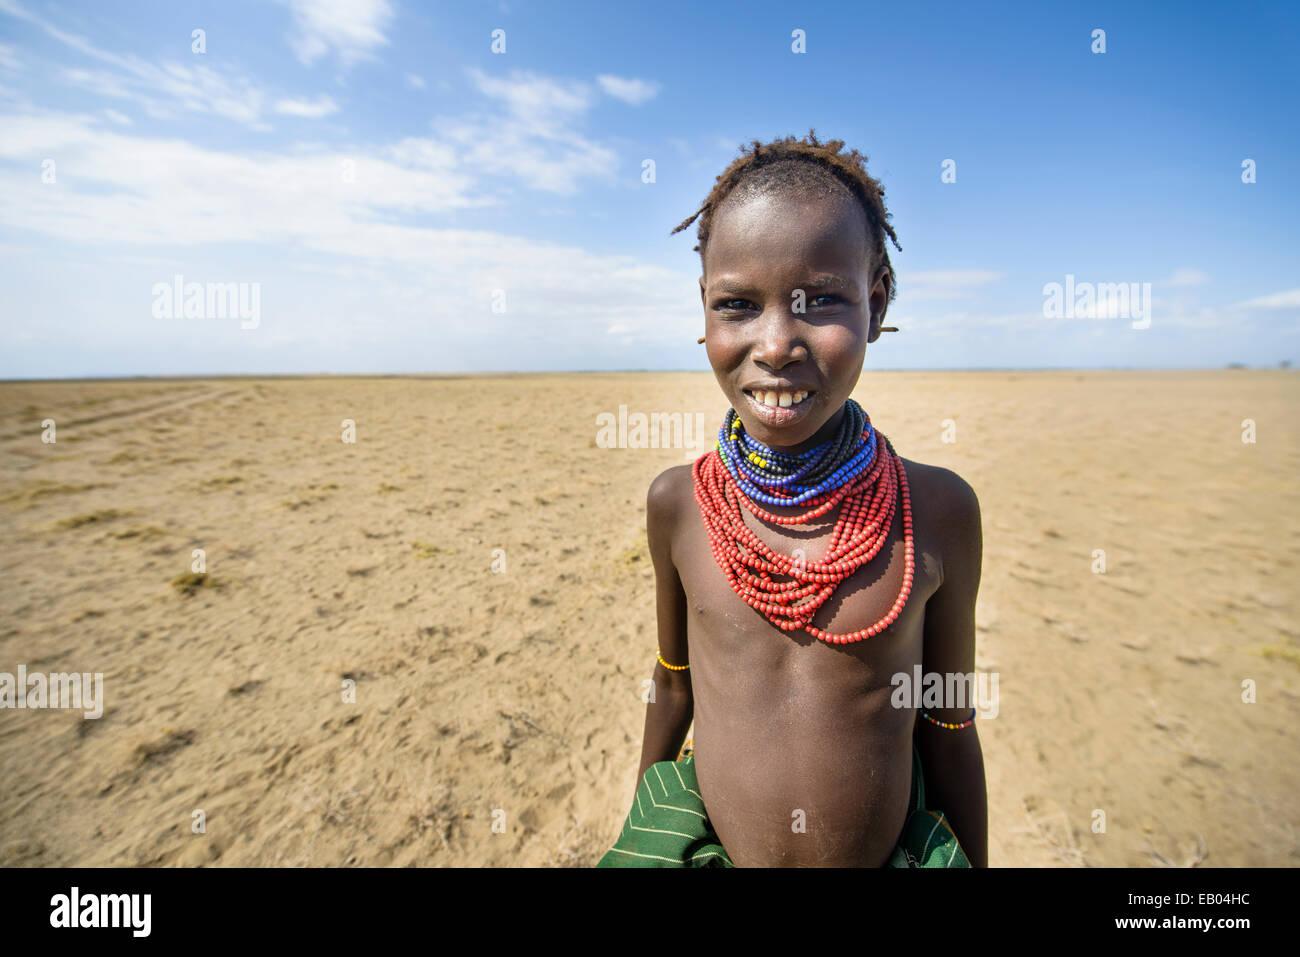 tribe kids Kids of the Dassanach tribe, Kenya